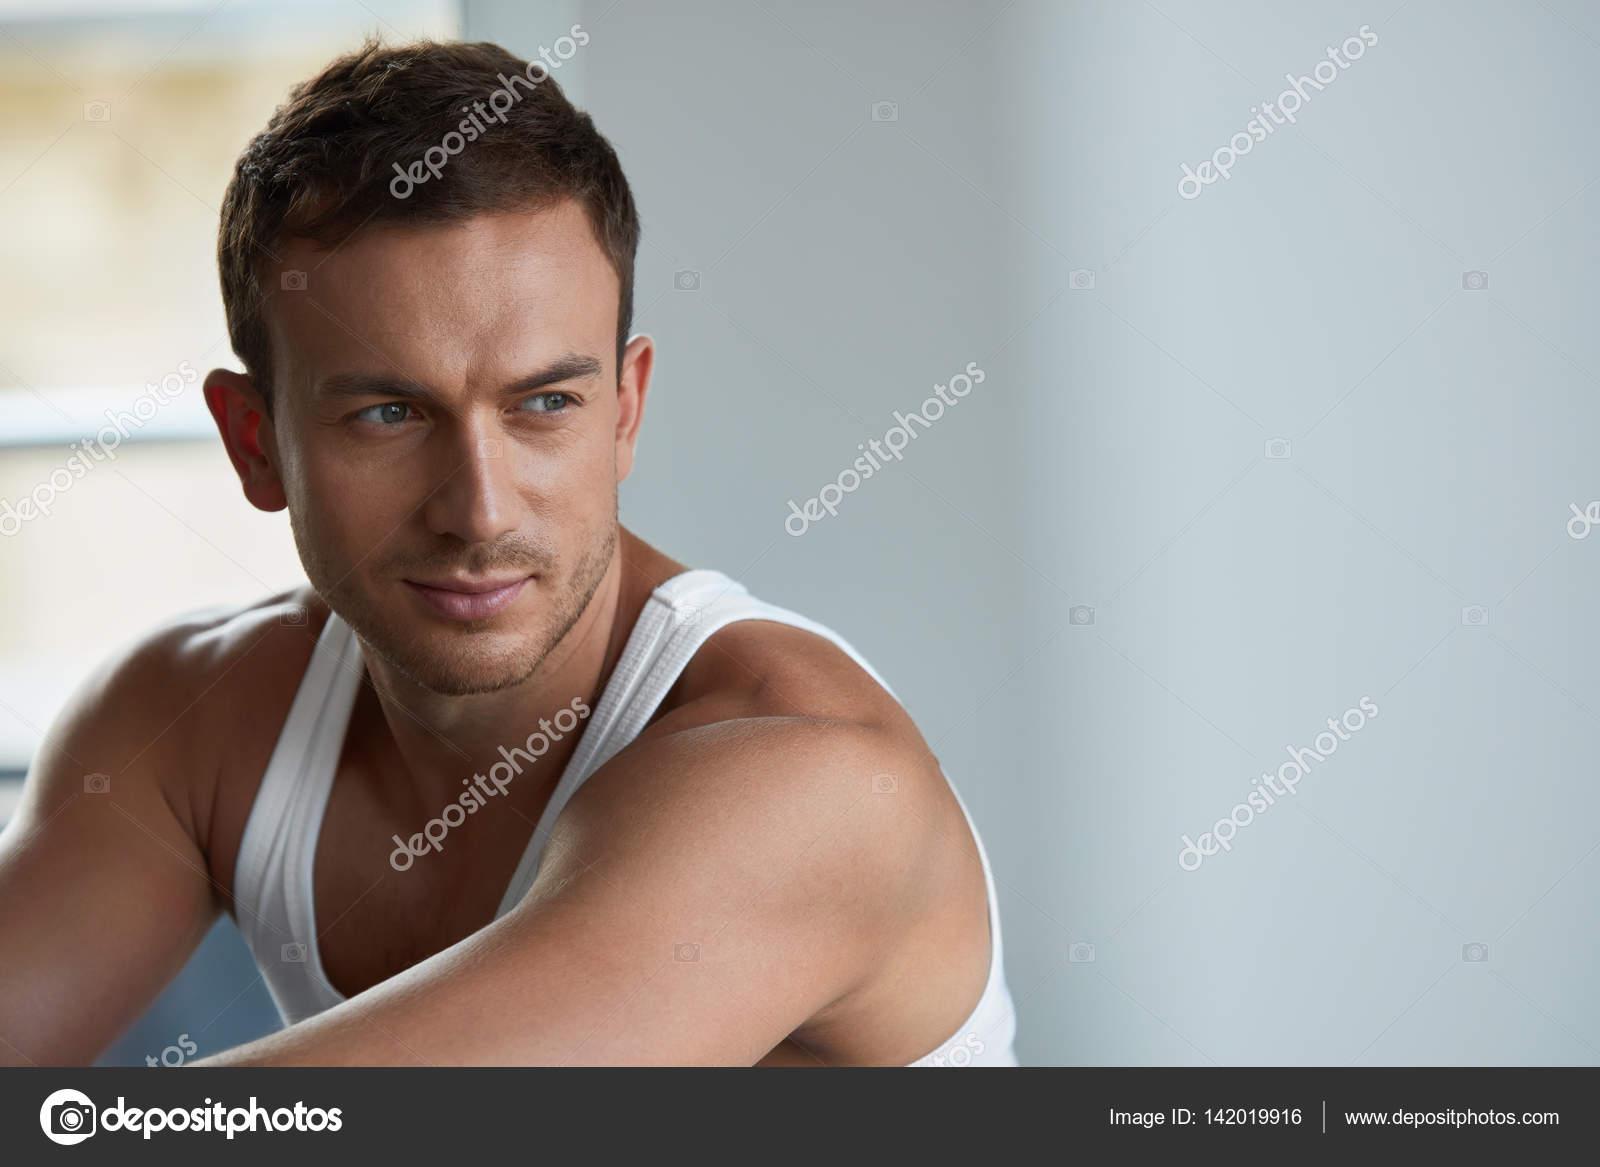 03c811e069a6 Hombres belleza y salud | Retrato de joven guapo con rostro bello ...